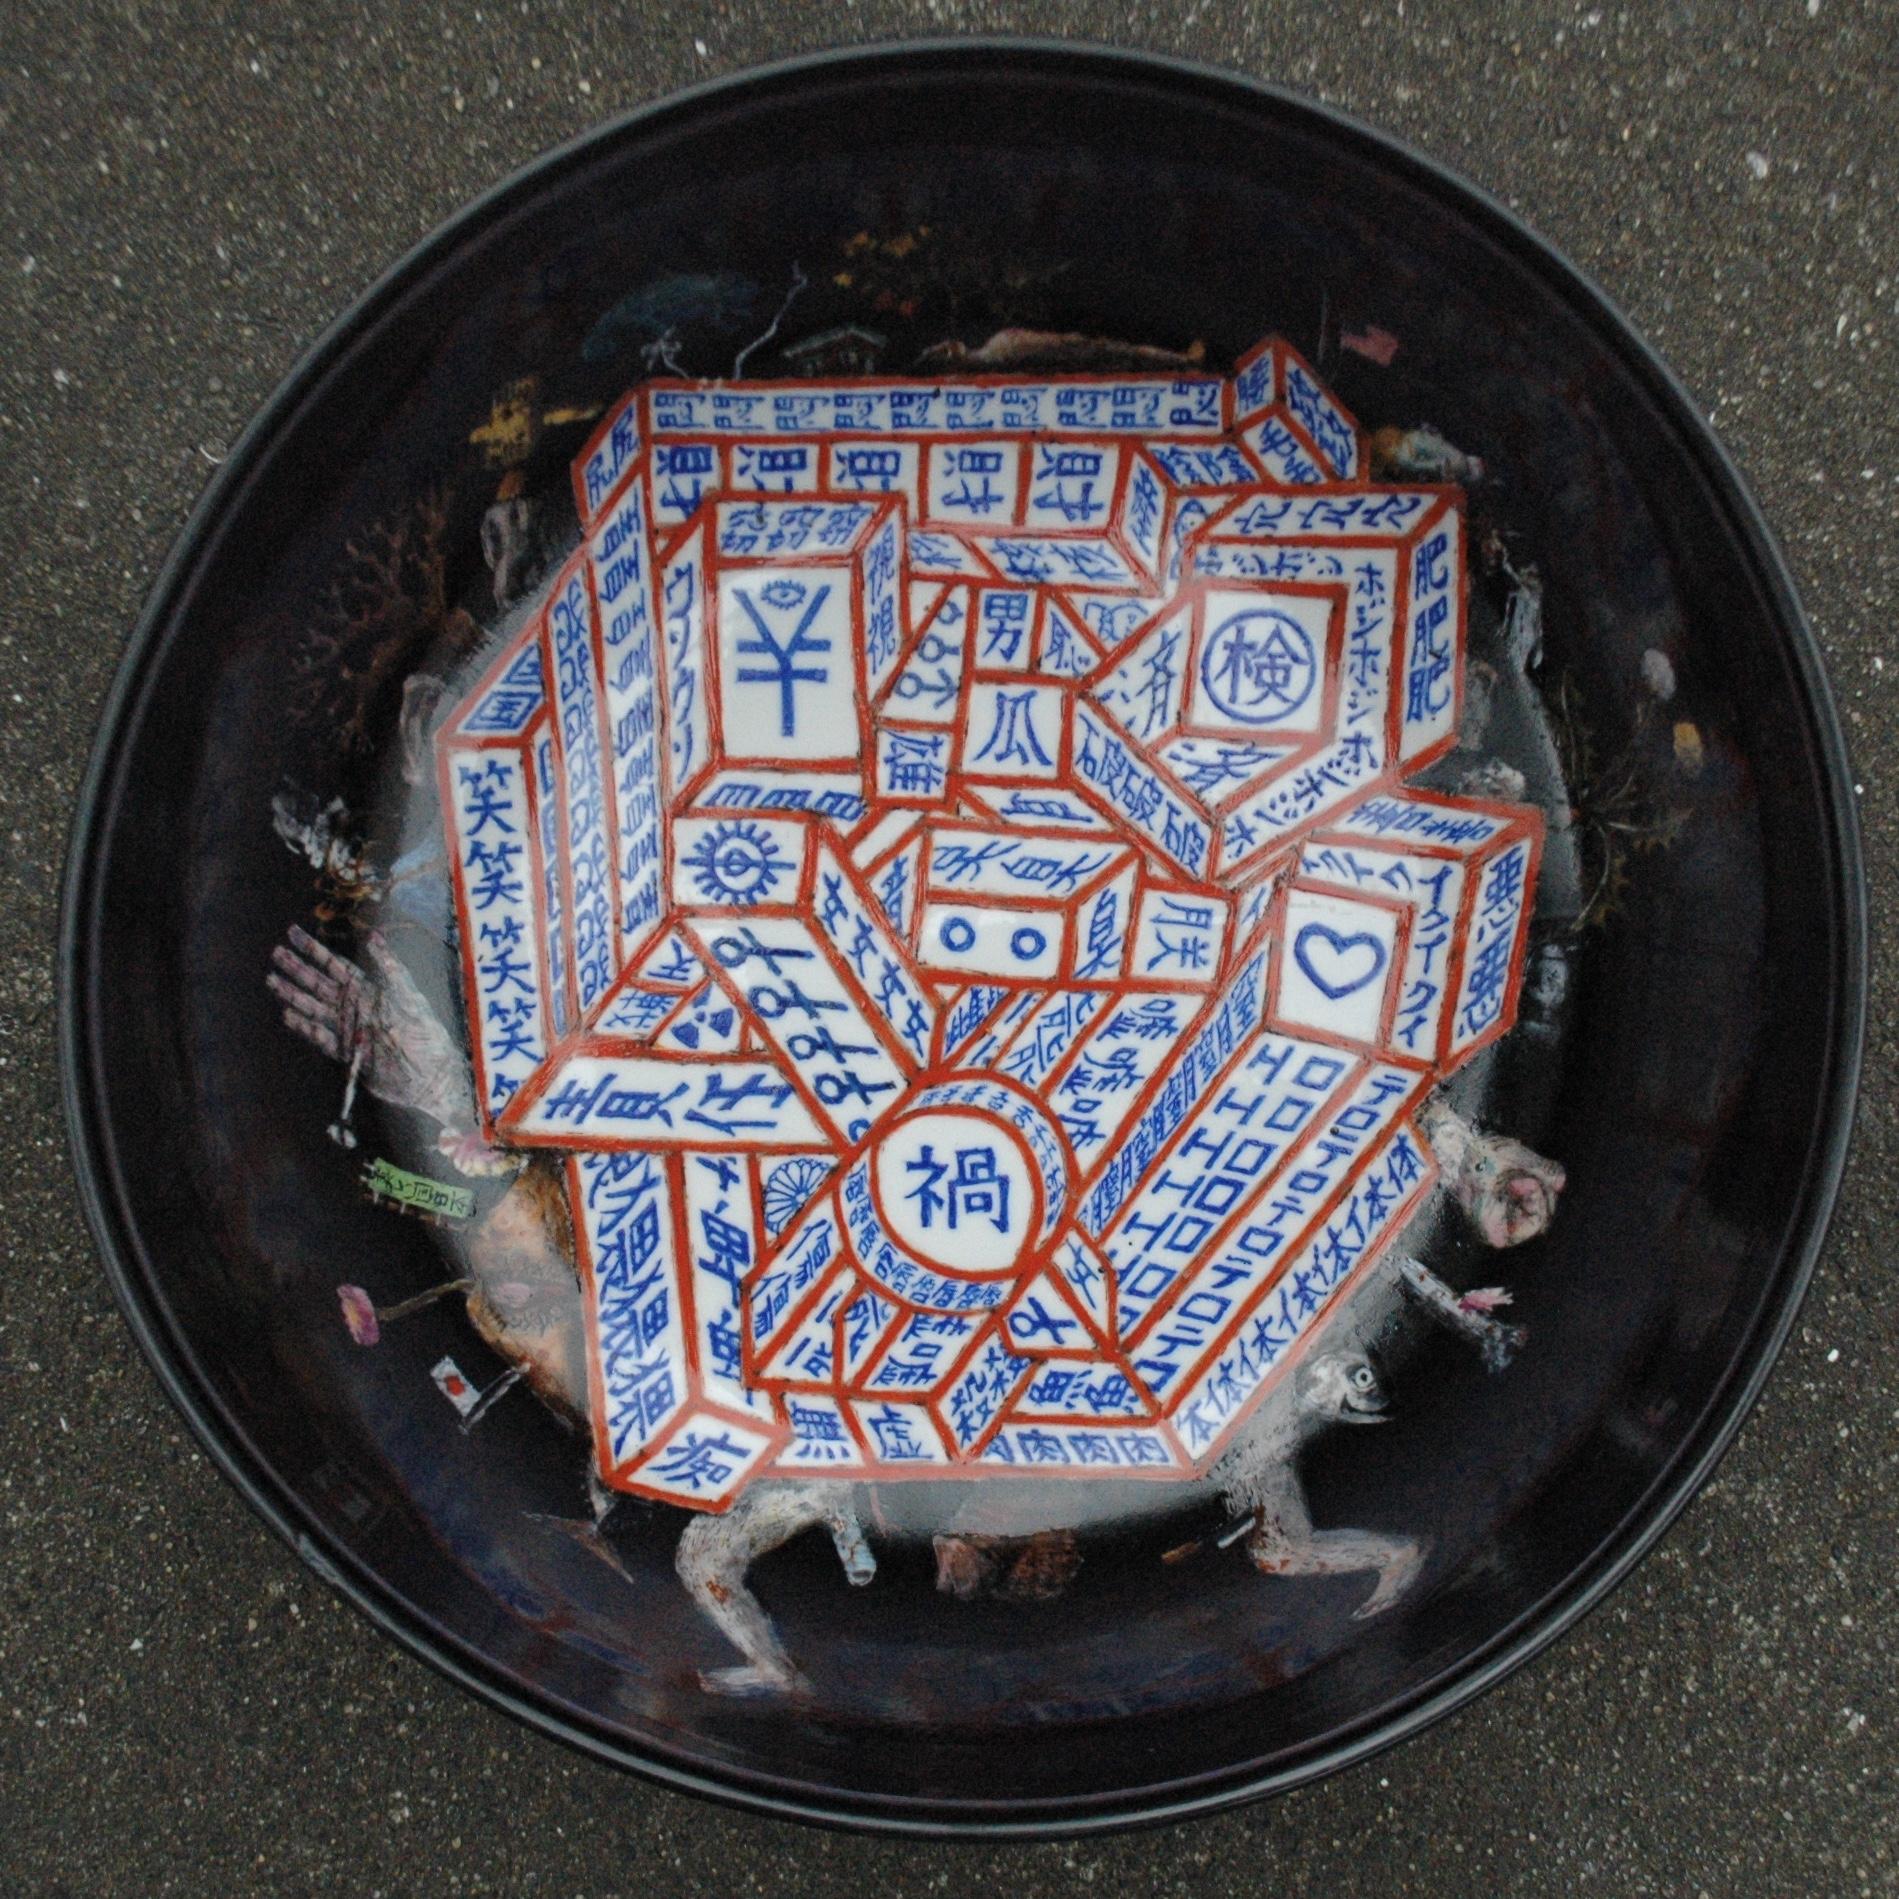 色絵大鉢「ケツの穴」  Chine painting